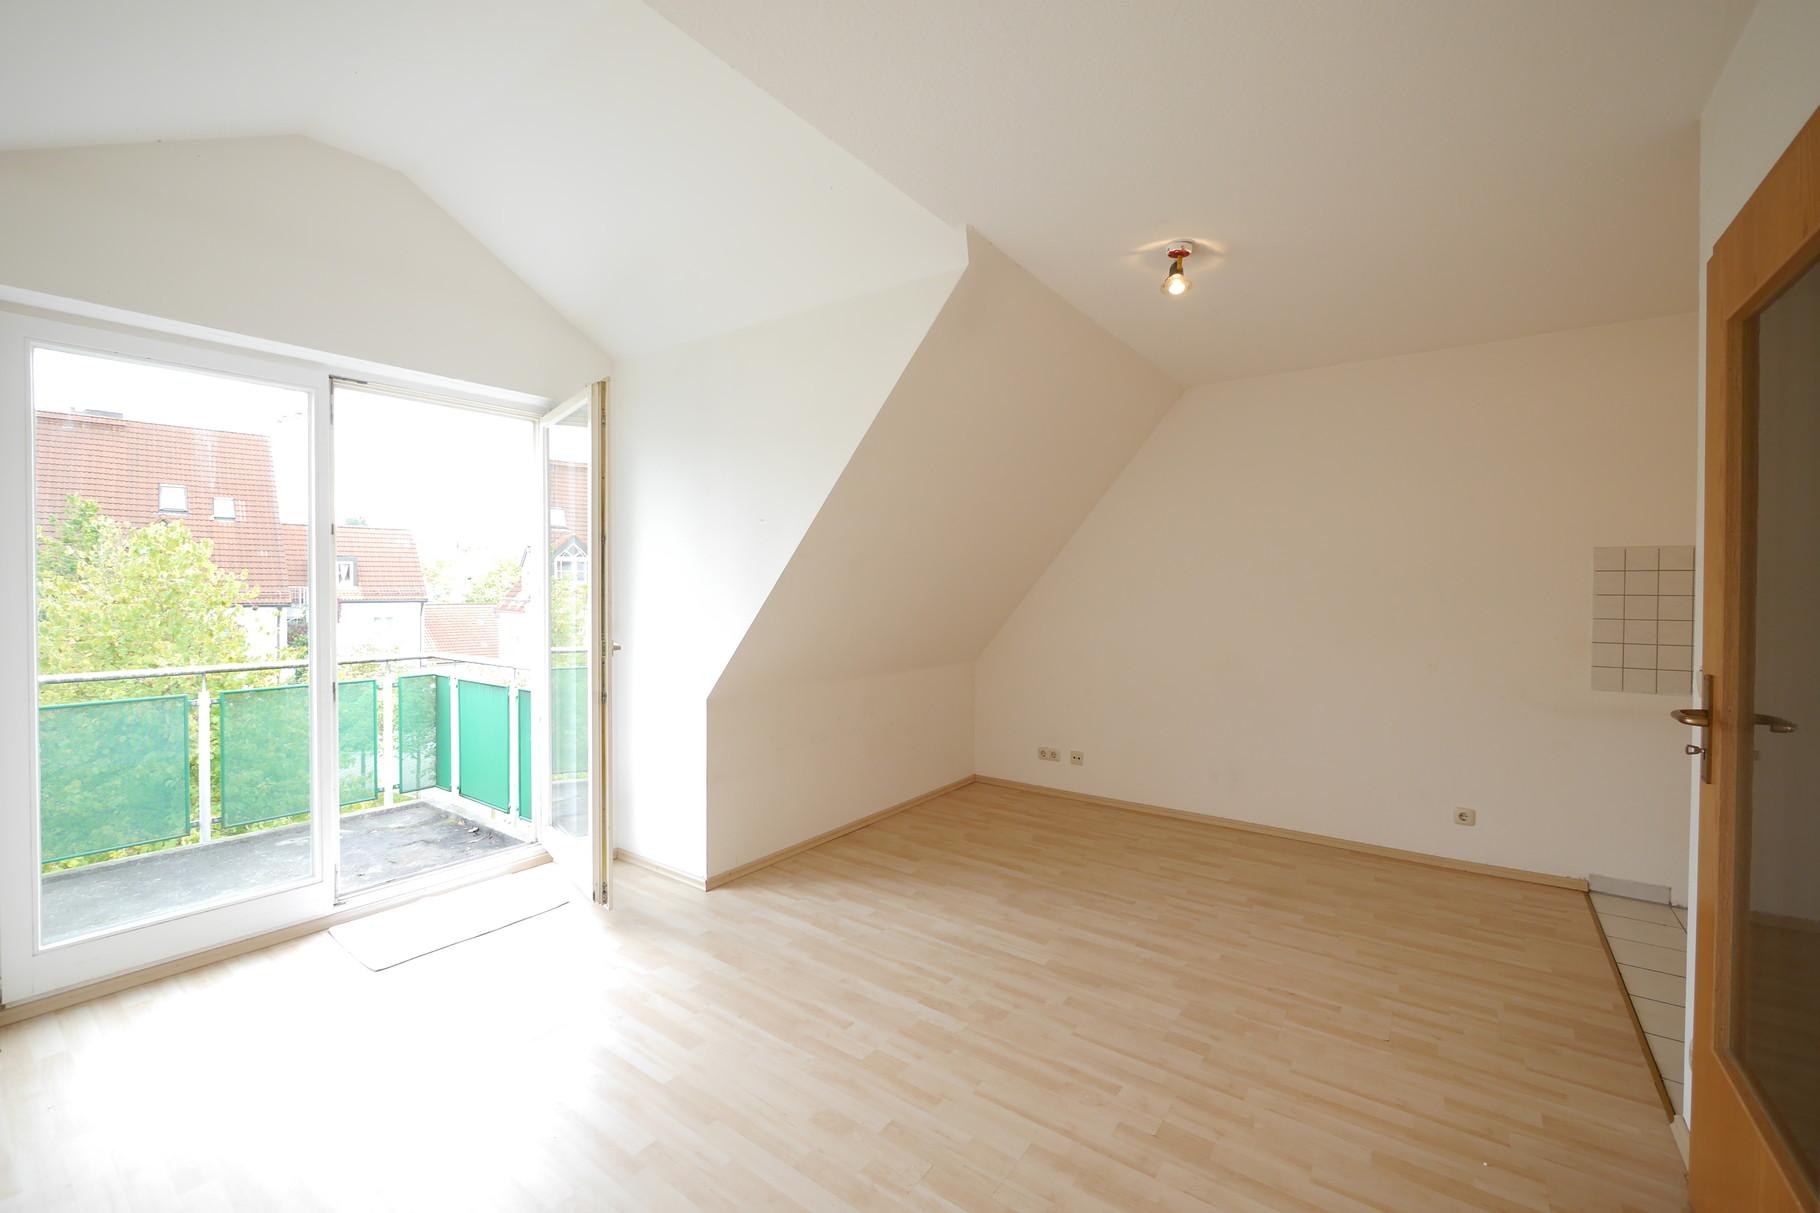 1-Zimmer-Apartment mit Südbalkon in 85757 Karlsfeld